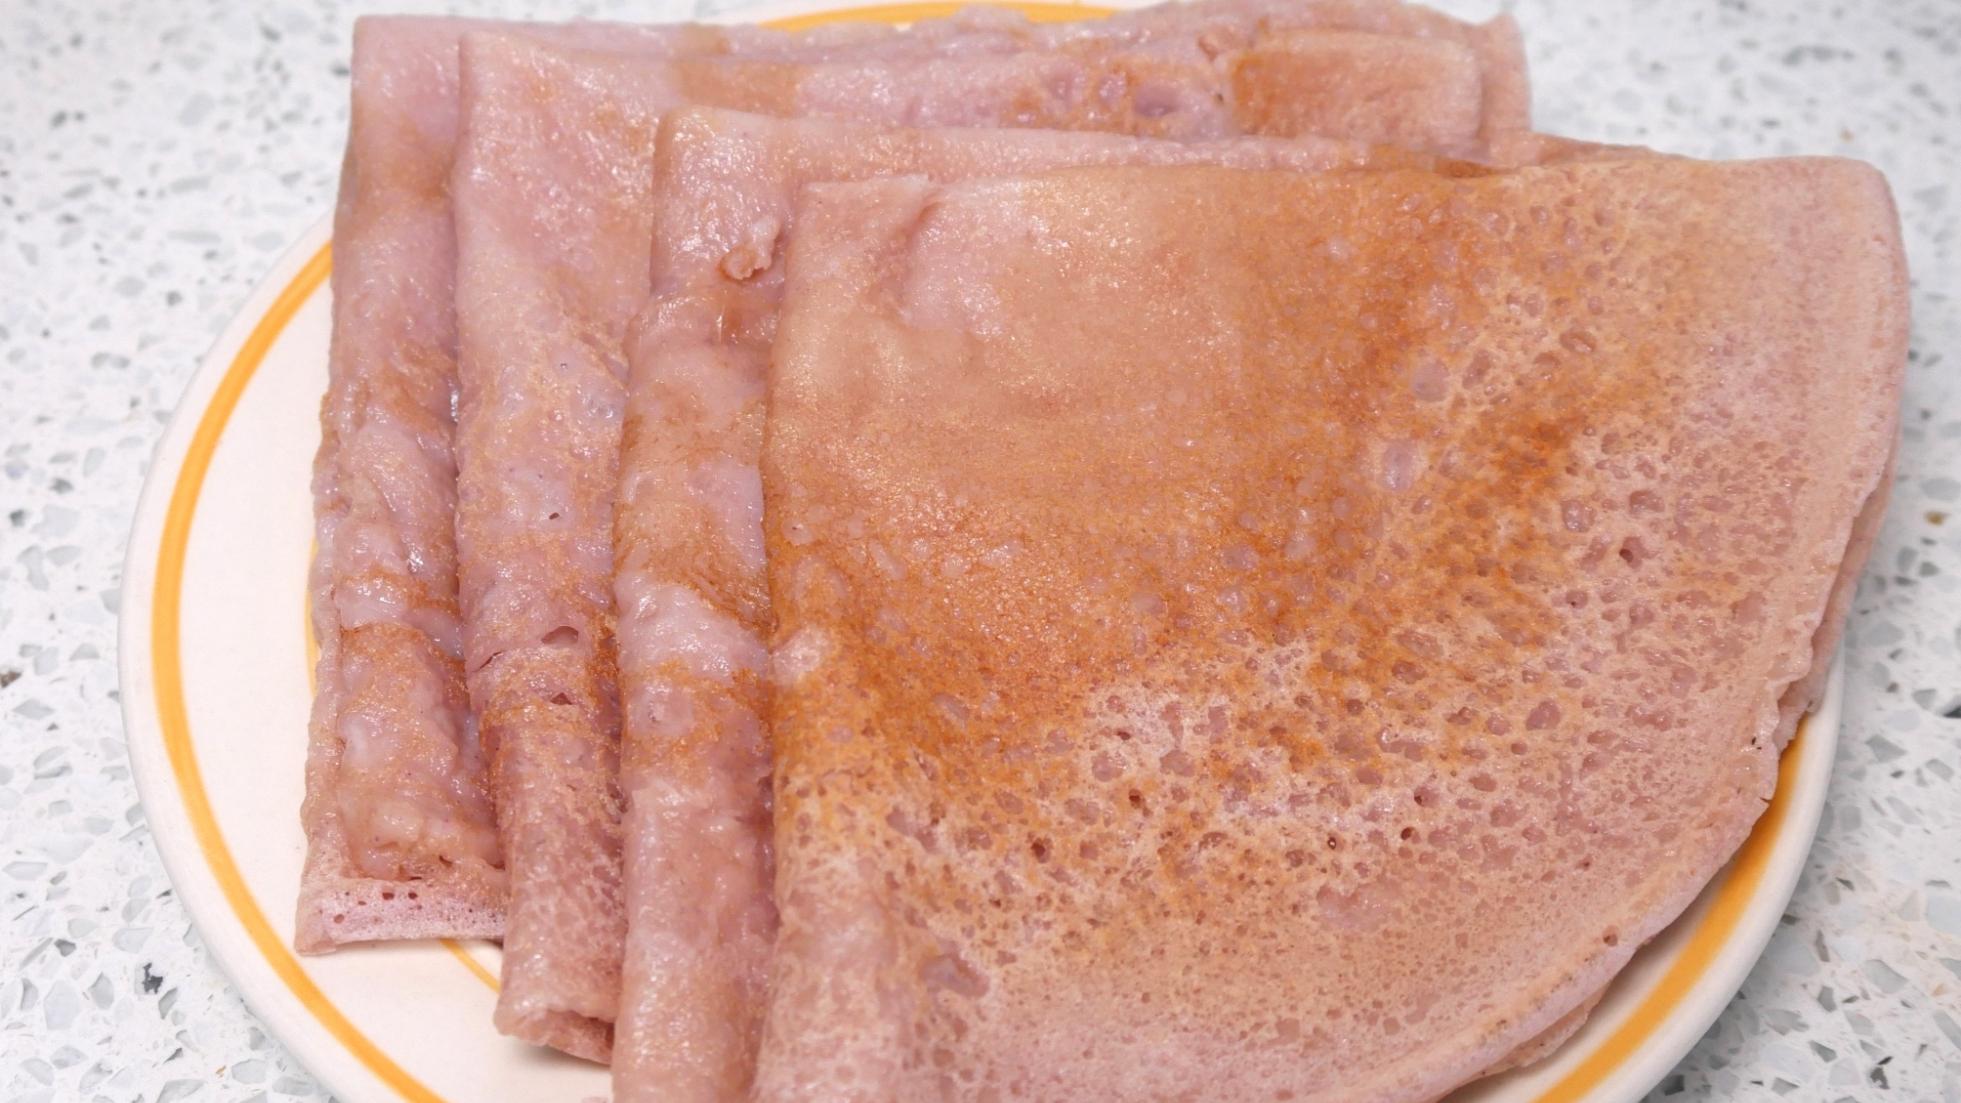 大叔拿高粱面做特色美食,筷子一搅,柔软筋道,比煎饼好吃又营养